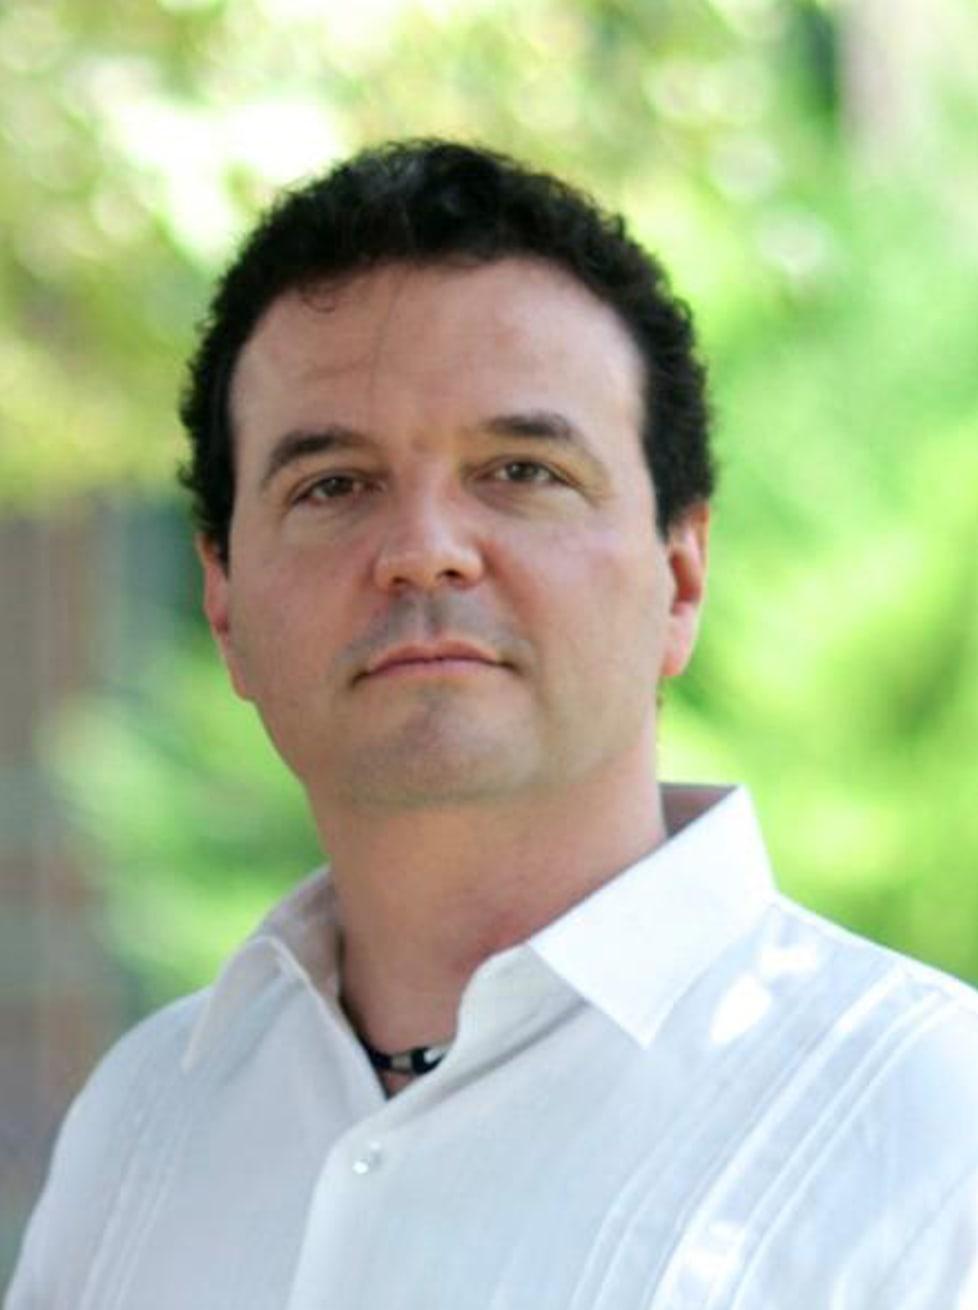 Bernardo Madero